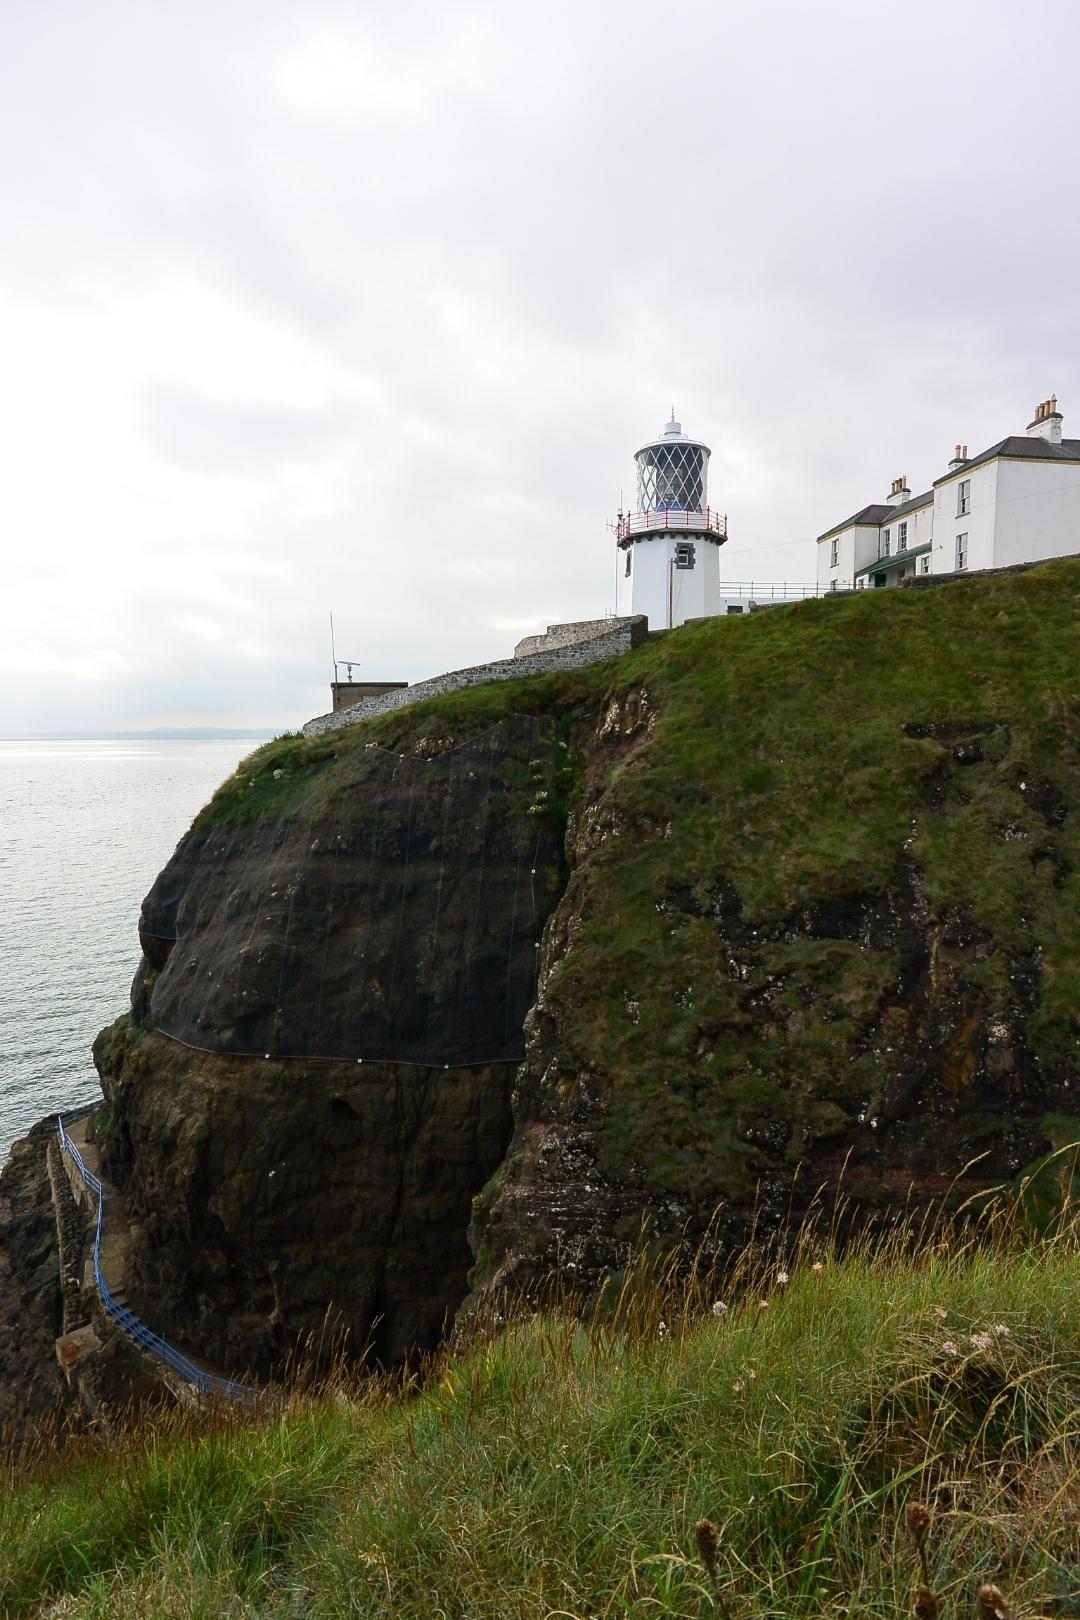 Blackhead Lighthouse, Carrickfergus